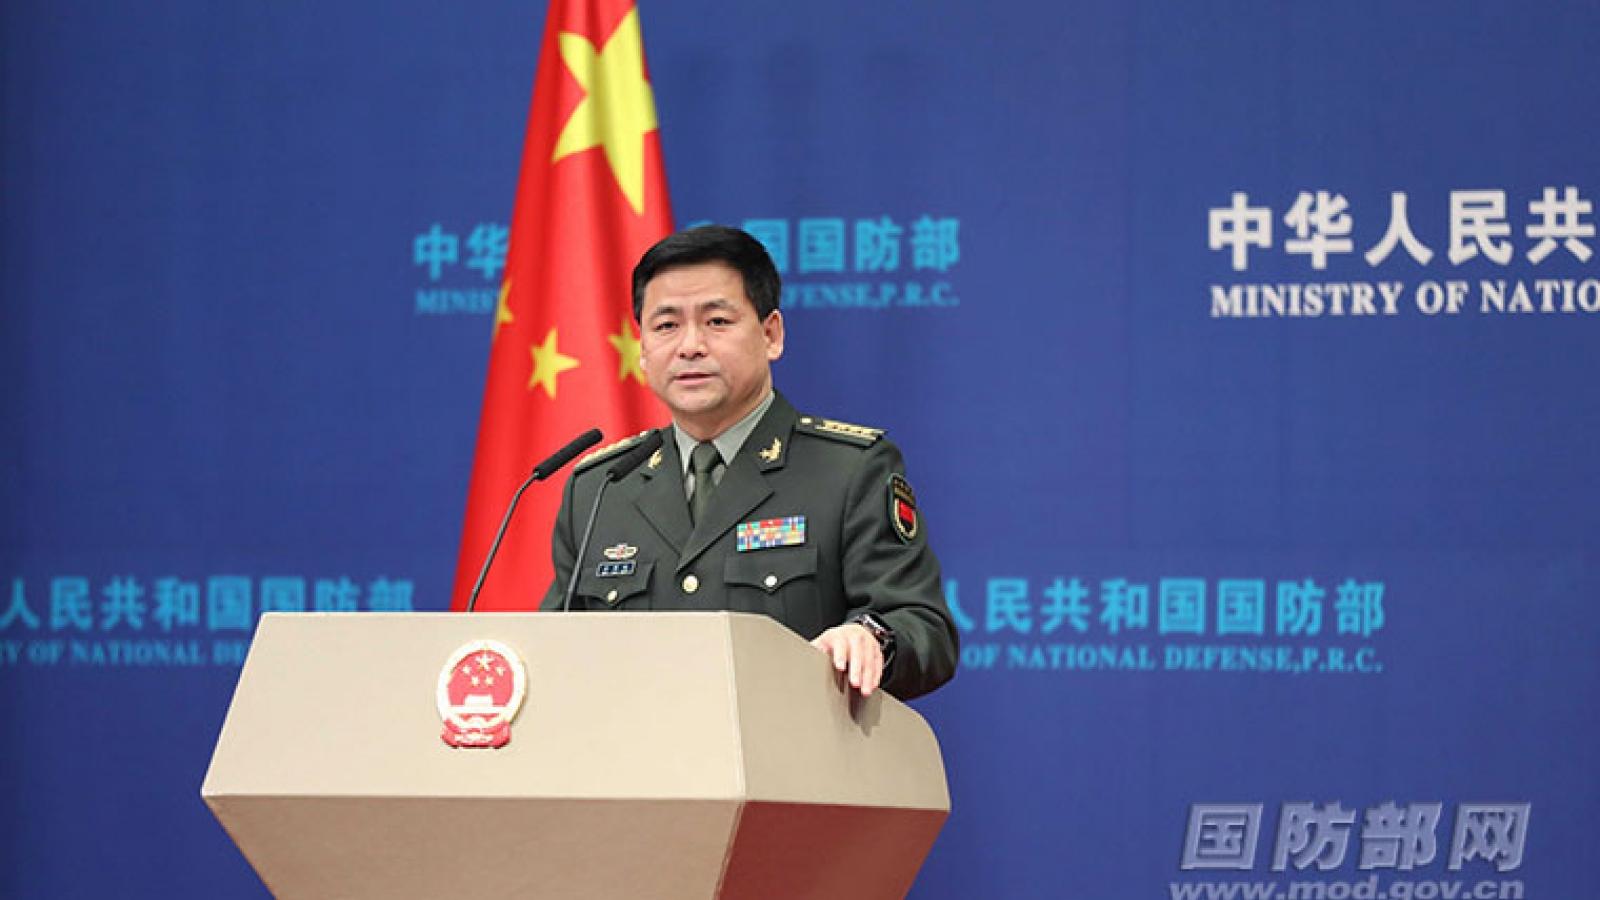 Trung Quốc khẳng định tình hình biên giới Trung - Ấn vẫn đang ổn định